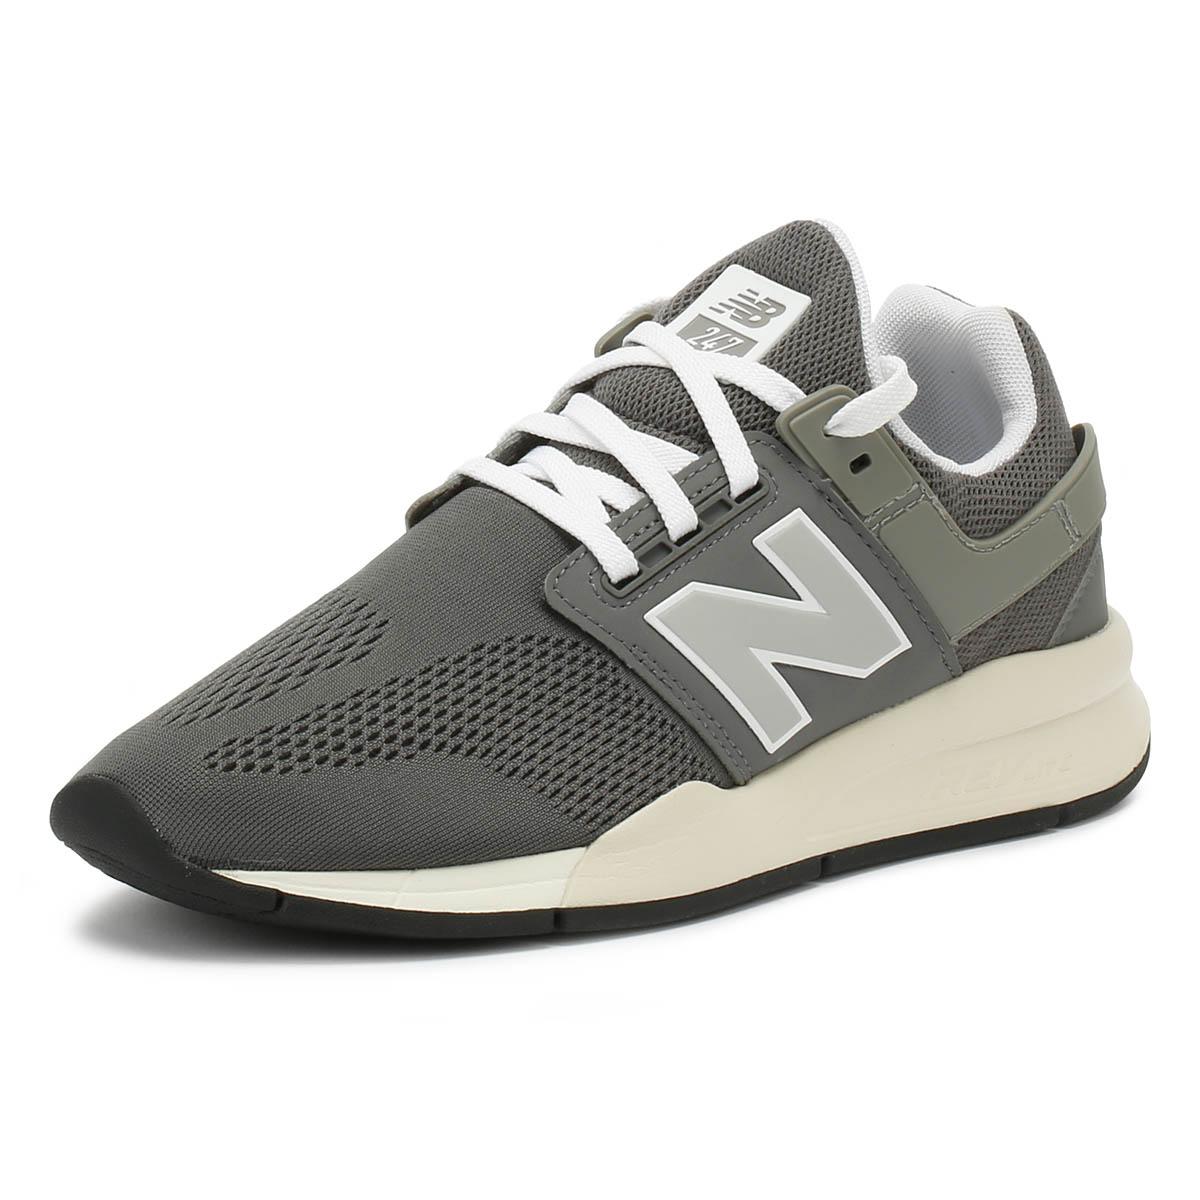 c5b040fc Detalles de Zapatillas para hombres Gris 247 New Balance Y Blanco Encaje  Sport Casual Zapatos para correr- ver título original